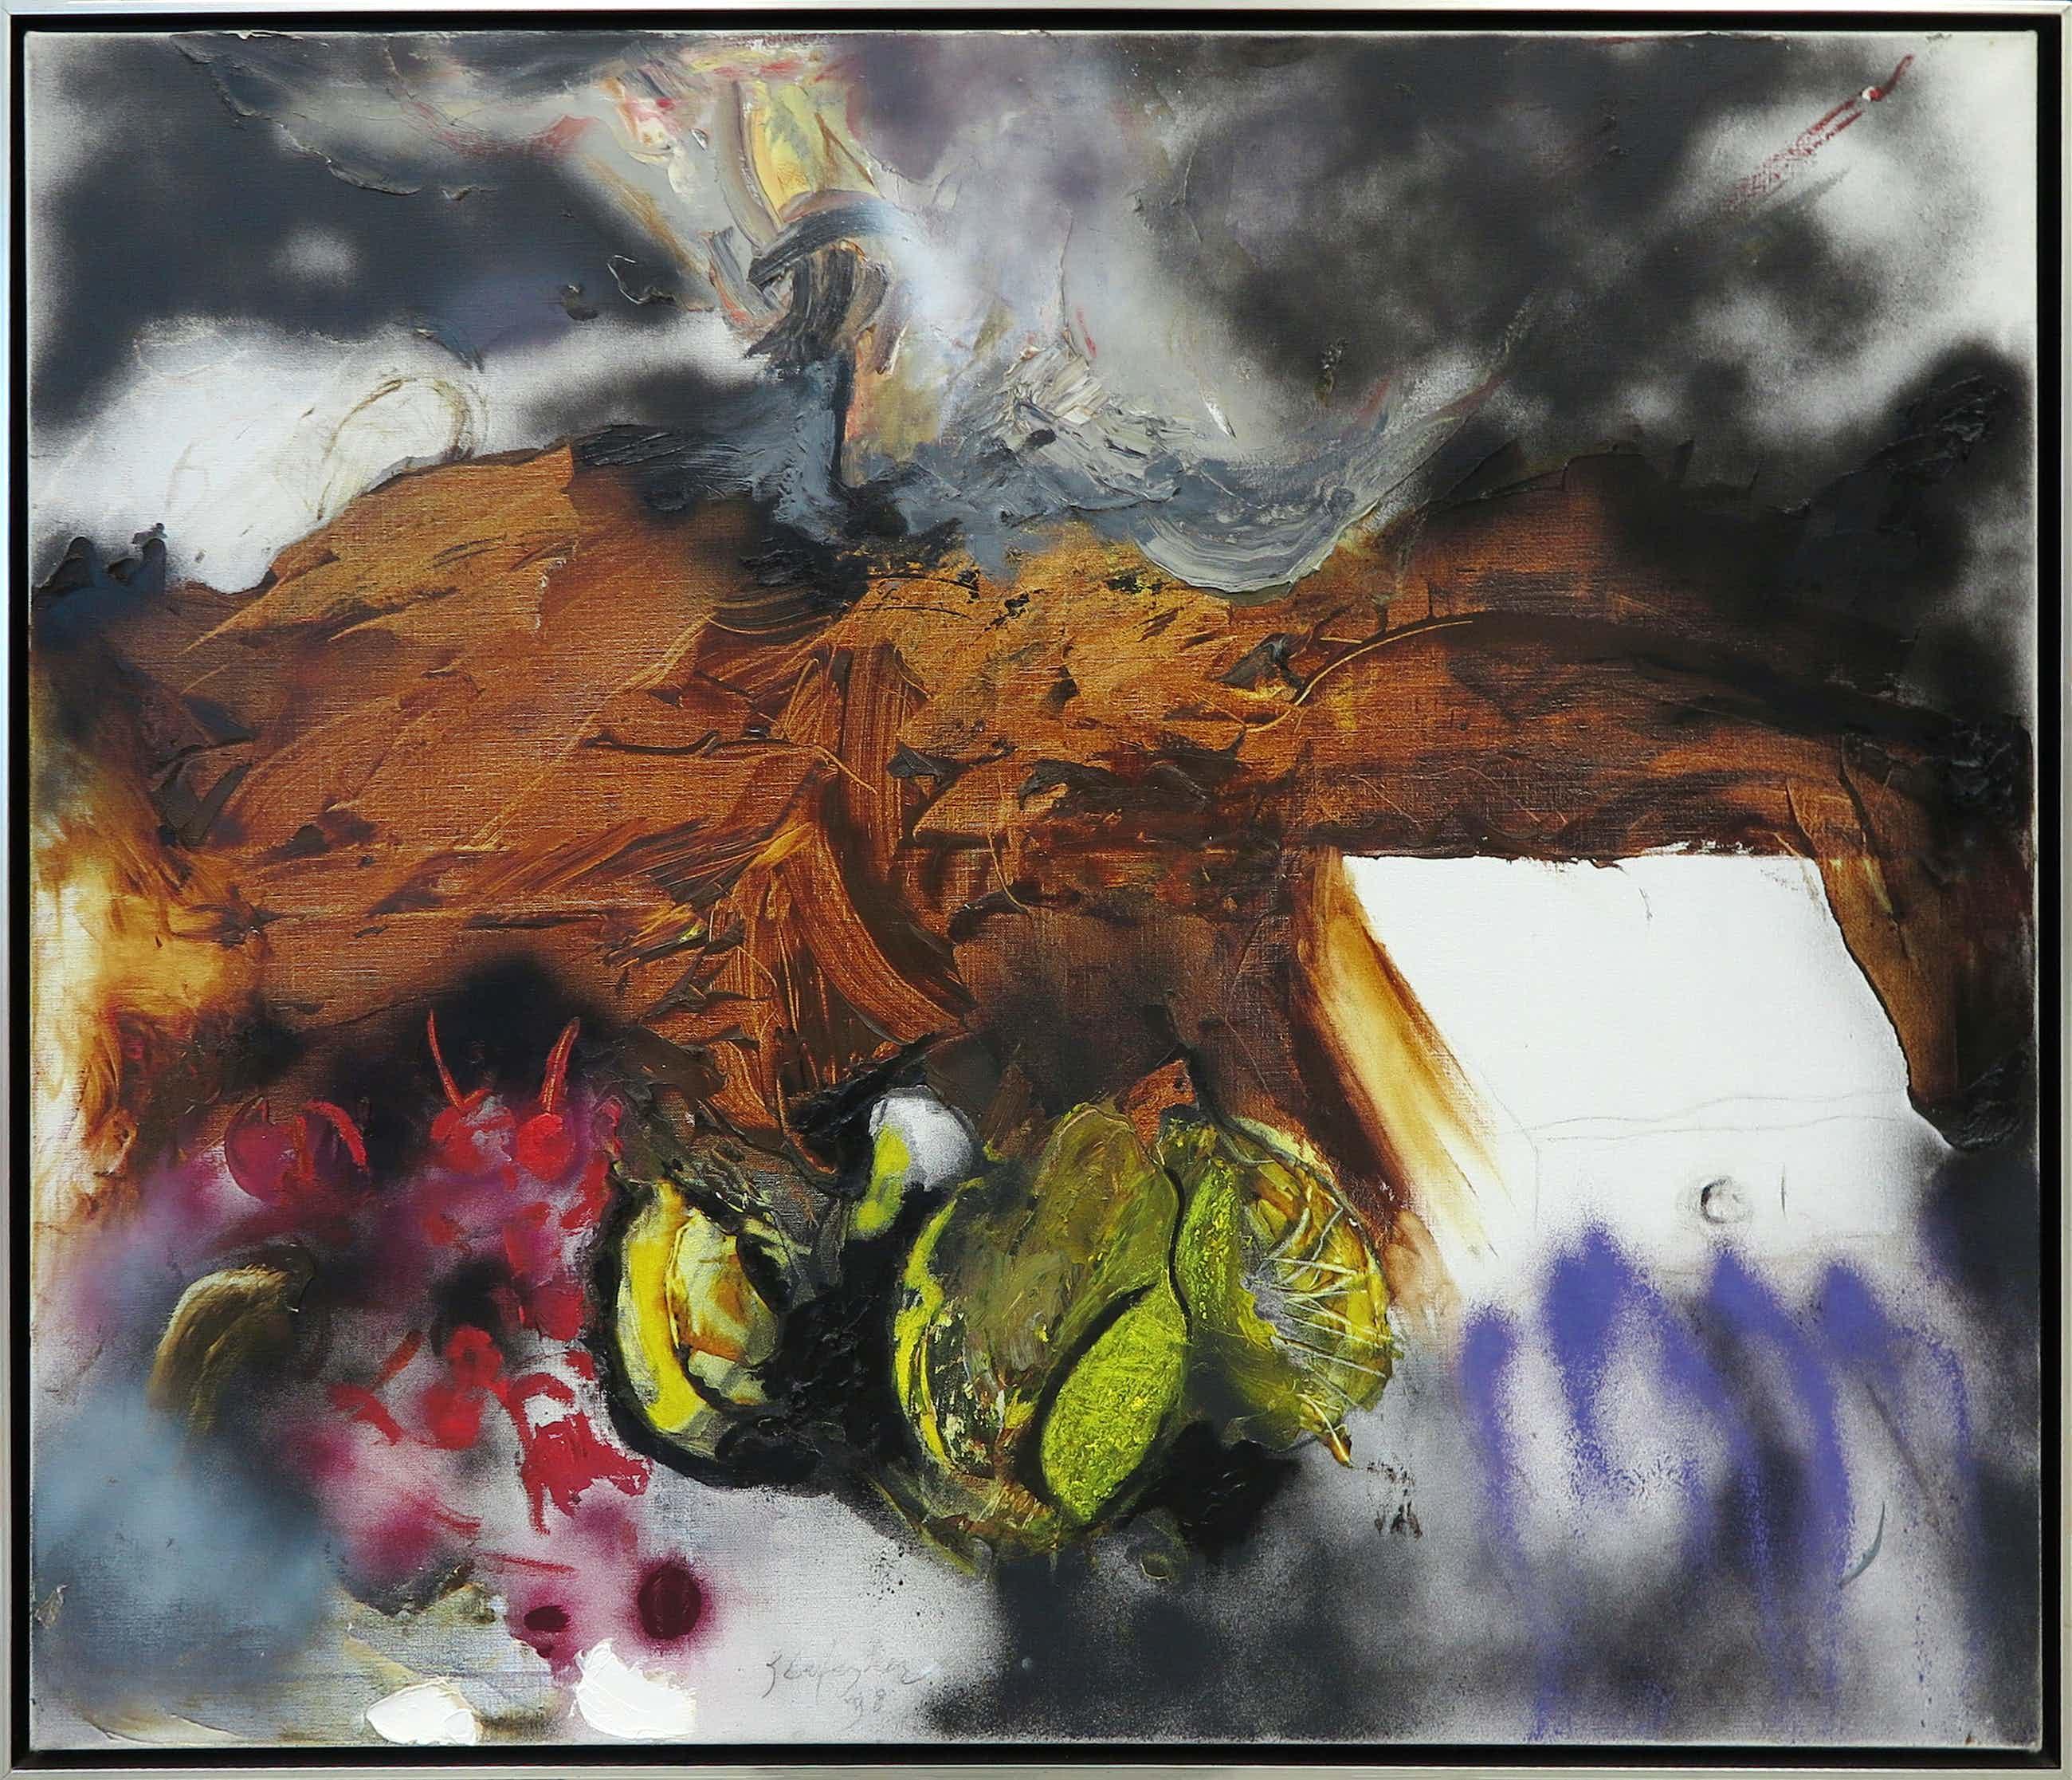 Ger Lataster - Gemengde techniek op doek, Z.T. Abstracte compositie - Ingelijst (Groot) kopen? Bied vanaf 2000!